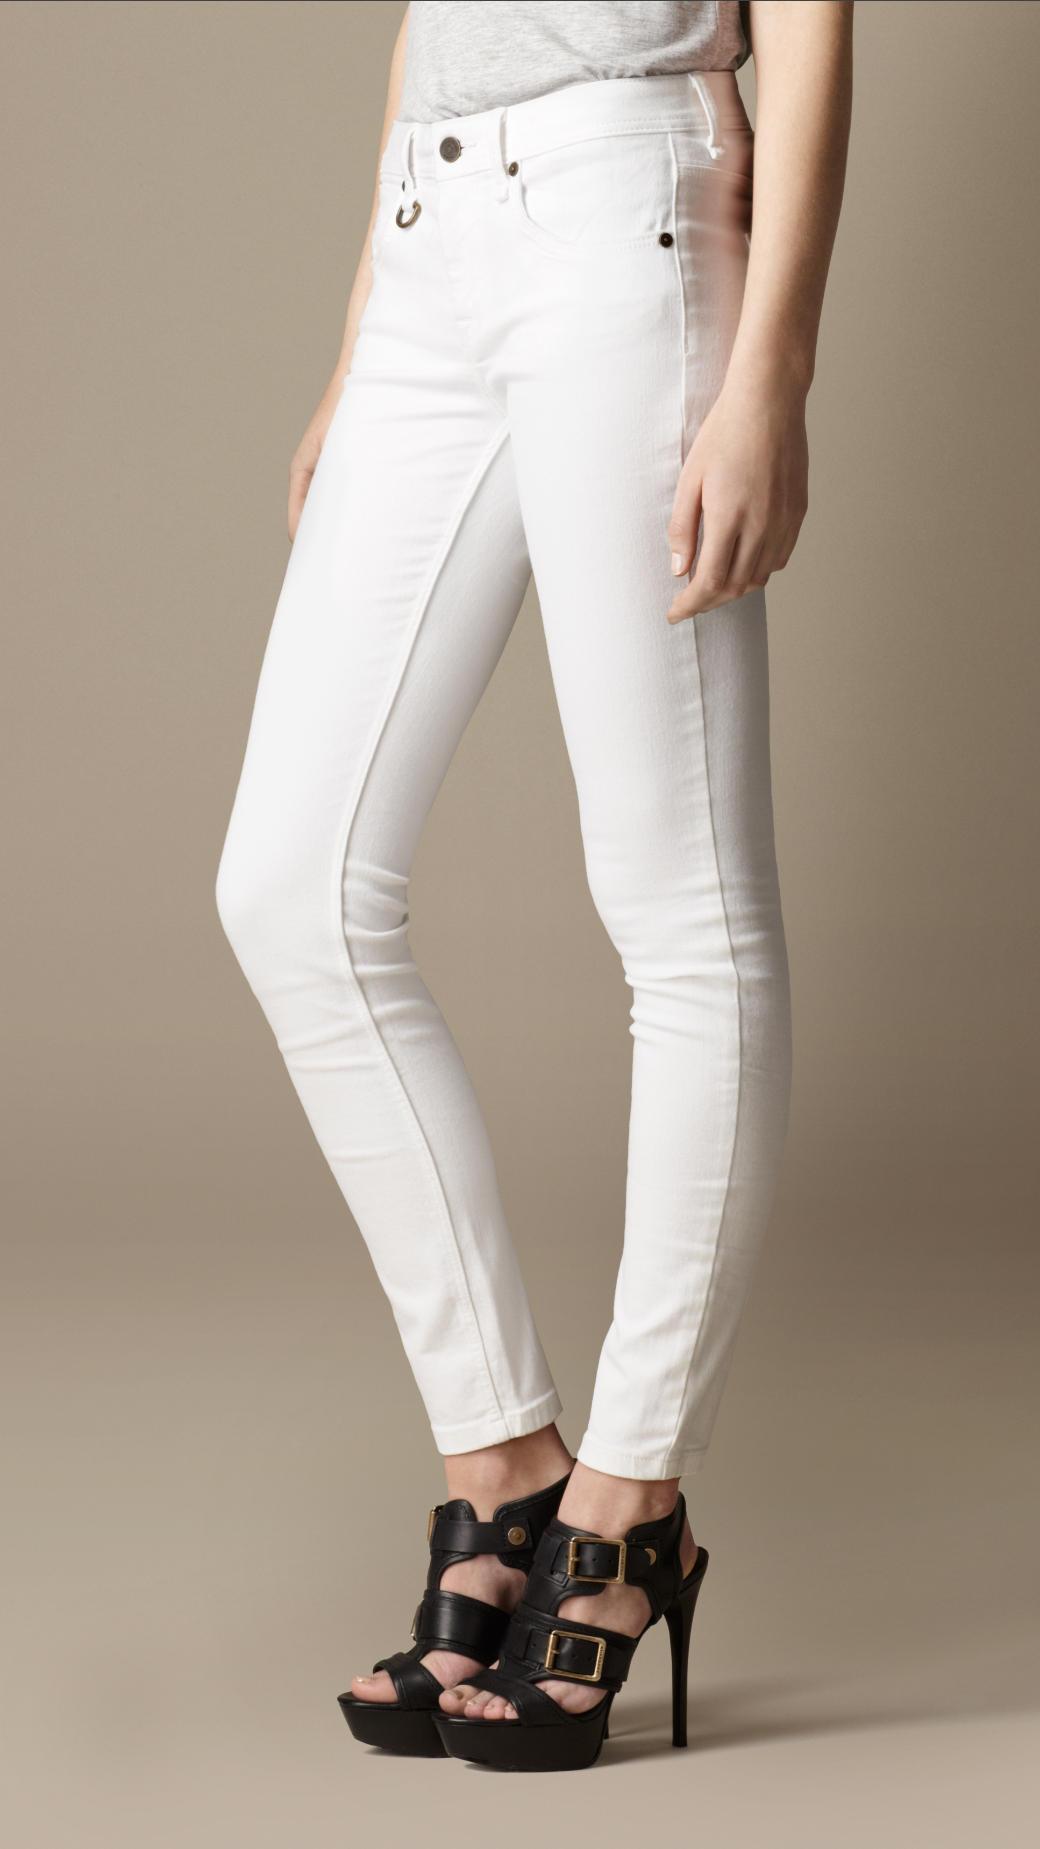 Classic White Skinny Jeans - White Denim - White Jeans